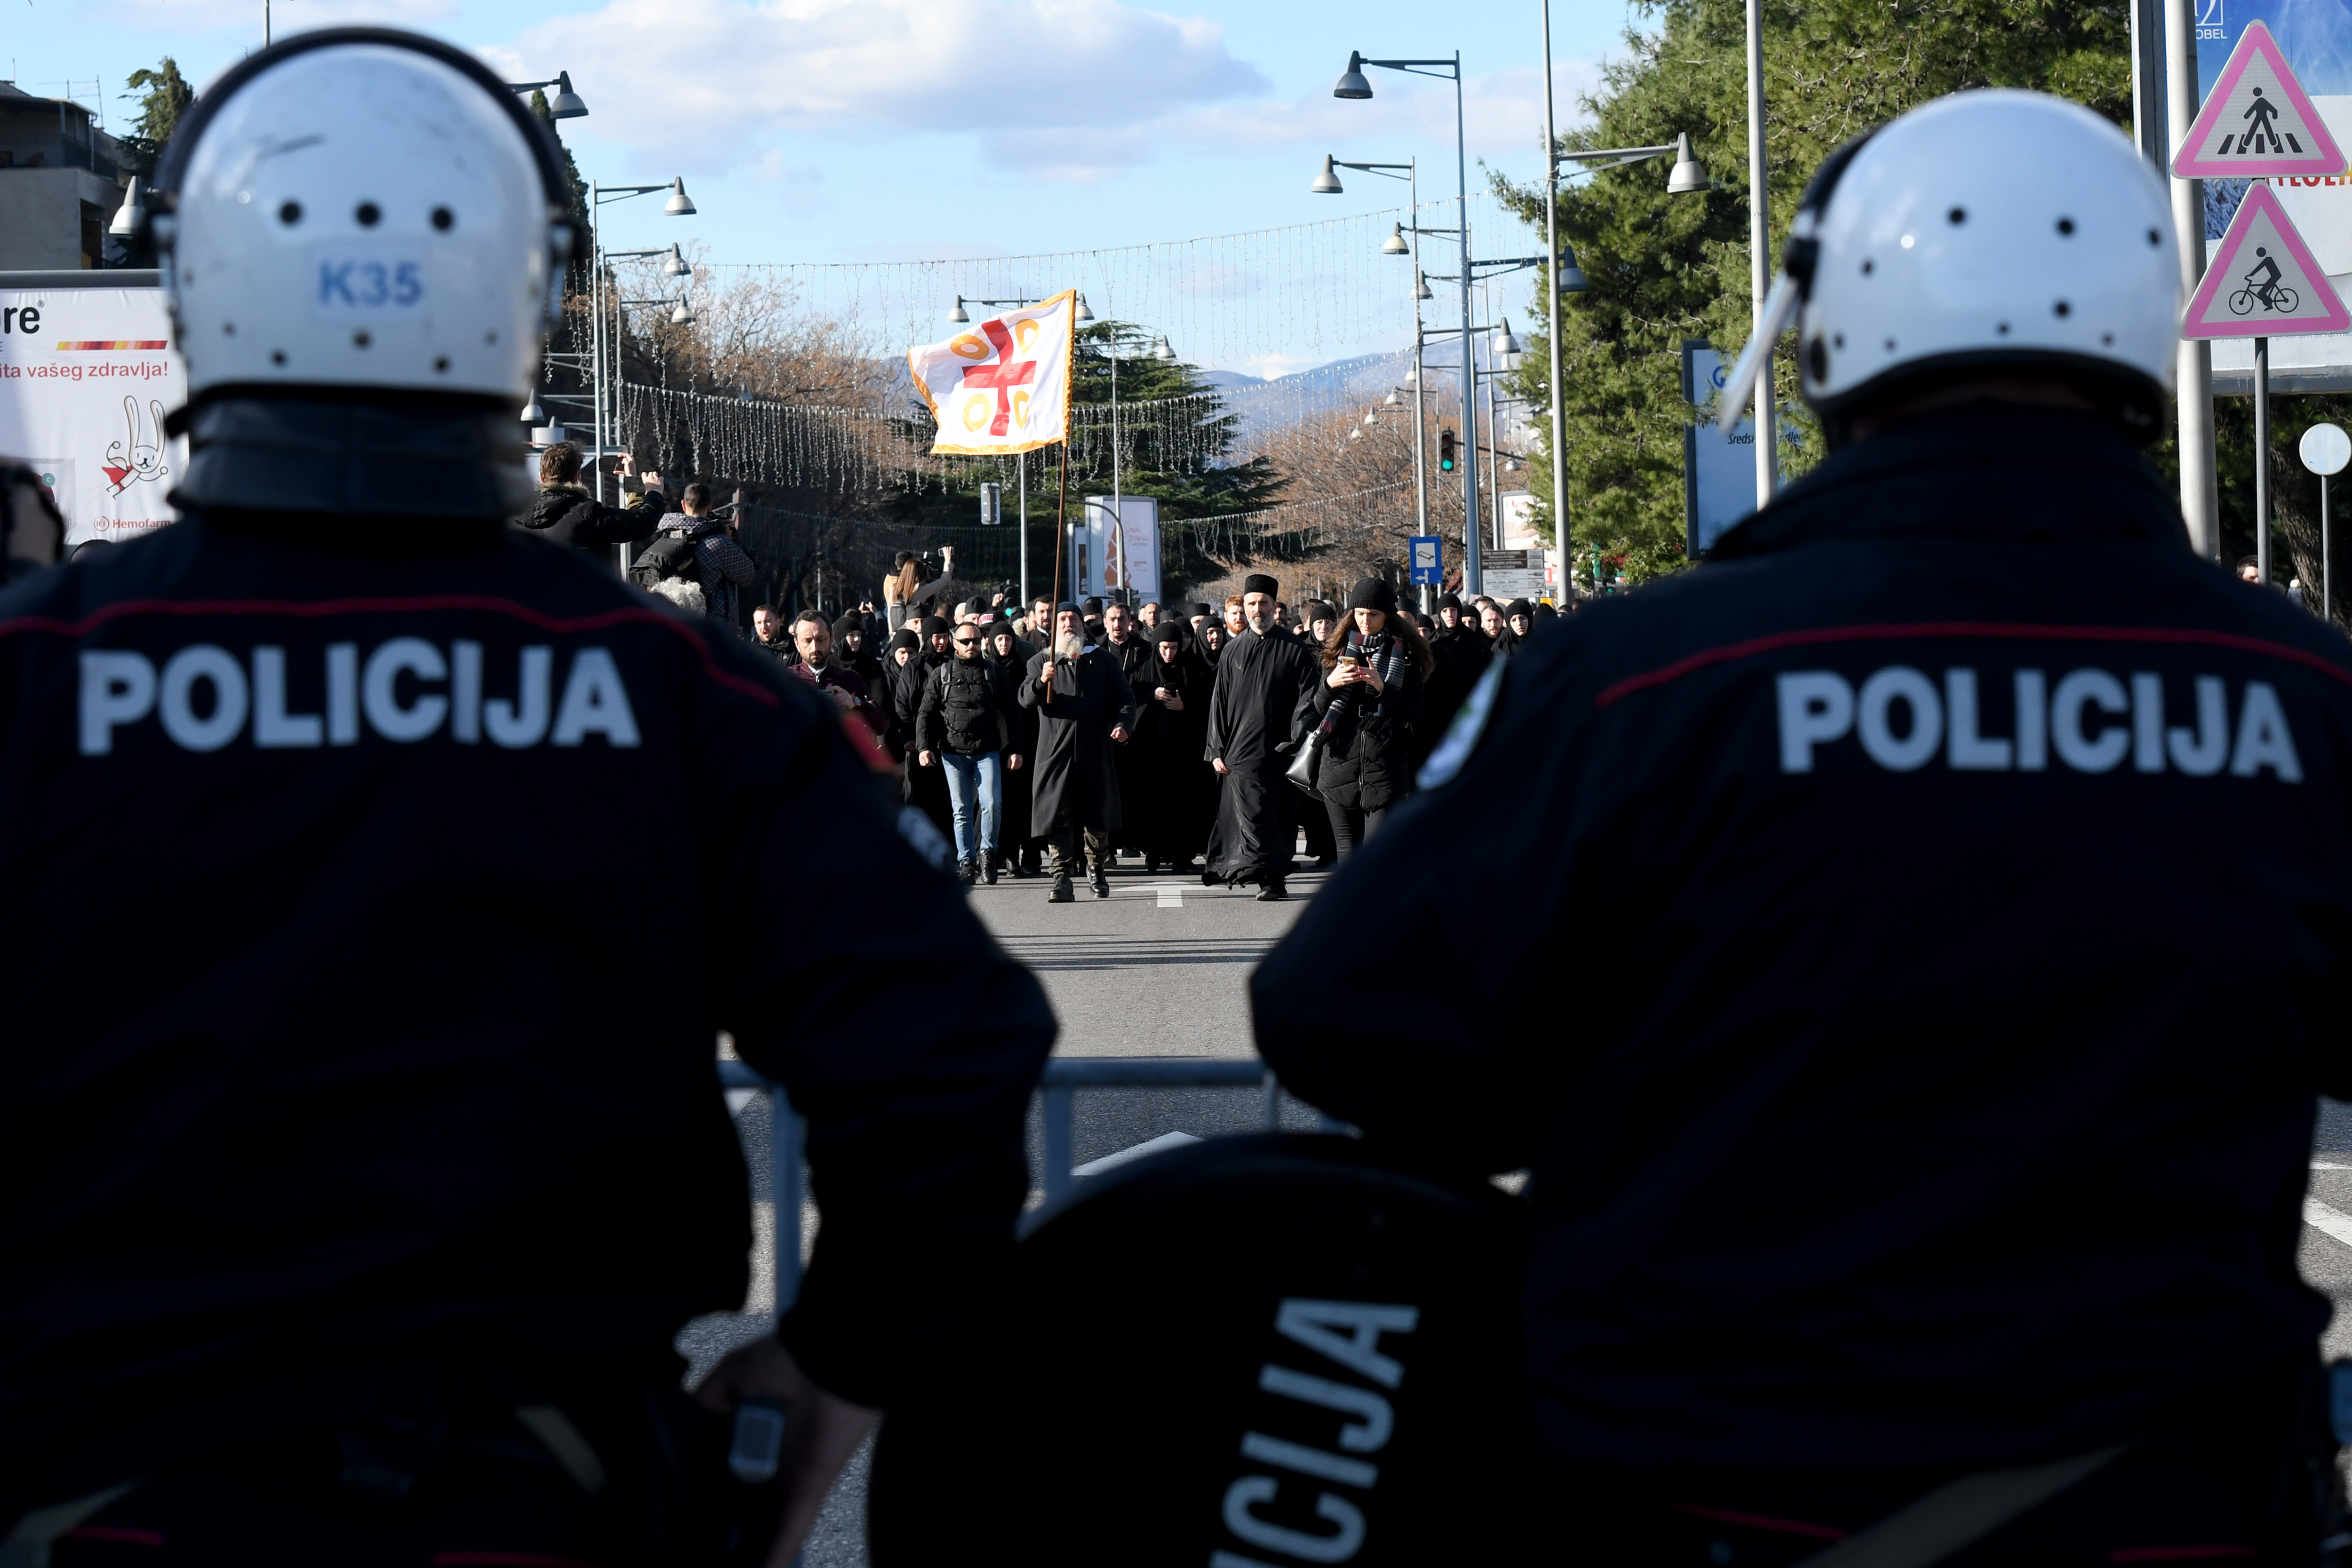 Montenegróban egy téves információ miatt letartóztatták a FOS főszerkesztőjét